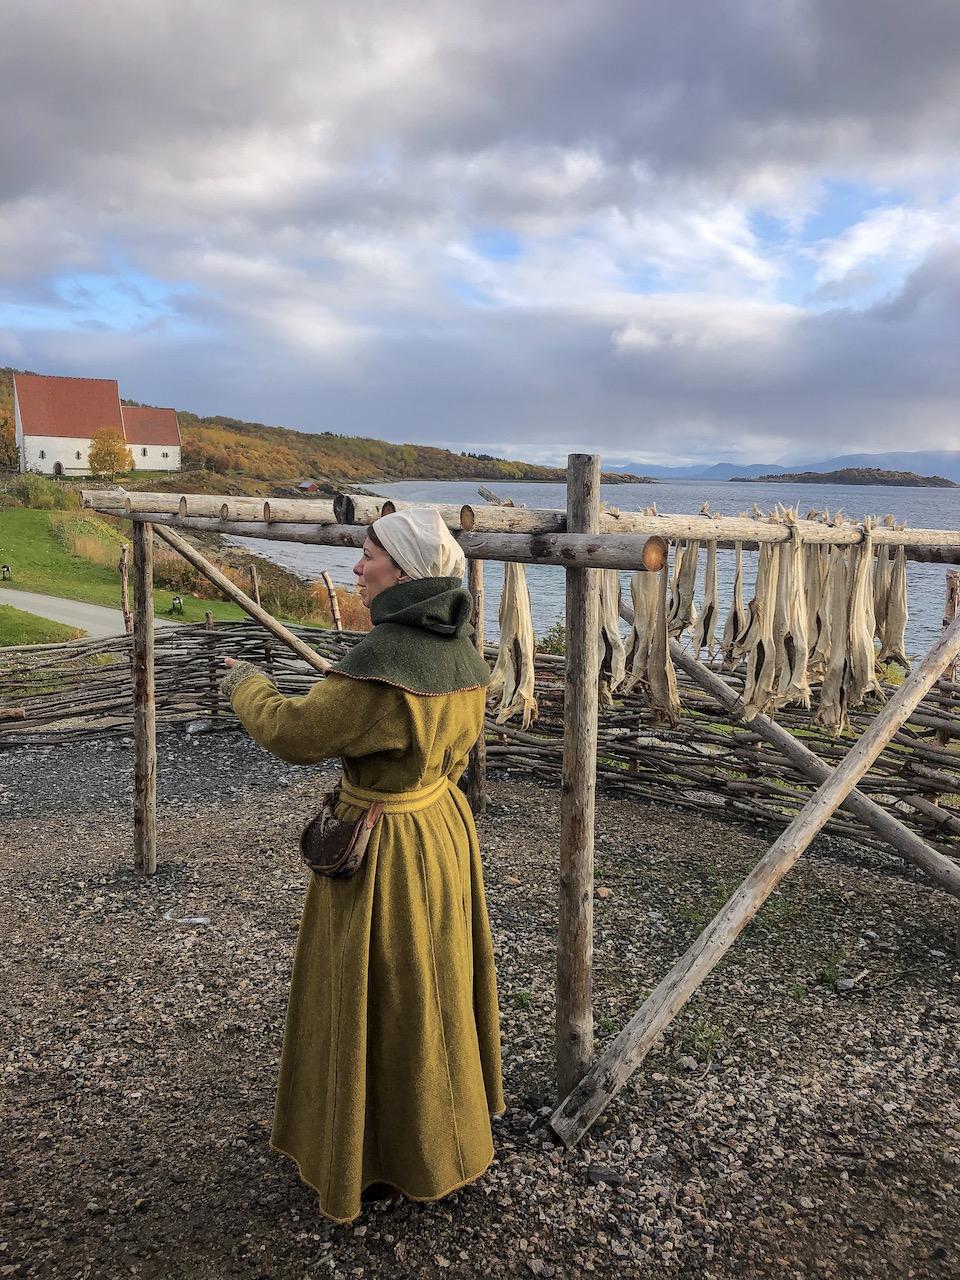 Trondenes Historical Centre and Medieval Farm - Harstad Noorwegen: Viking geschiedenis & RIB boat-tour langs de fjorden.